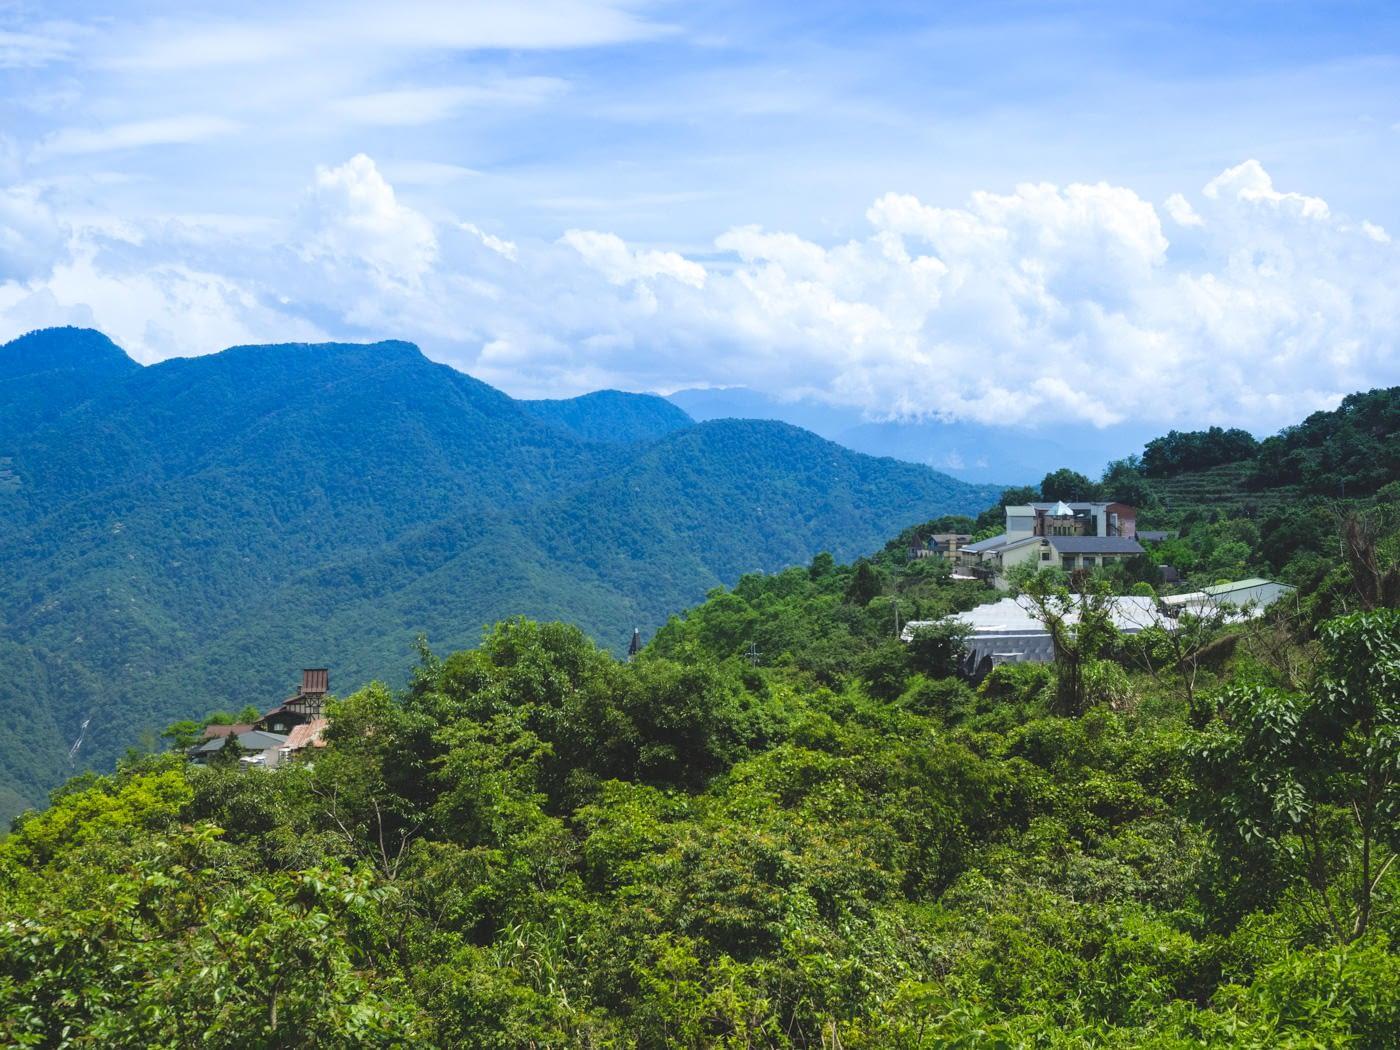 Taiwan - Qingjing - Overview 2